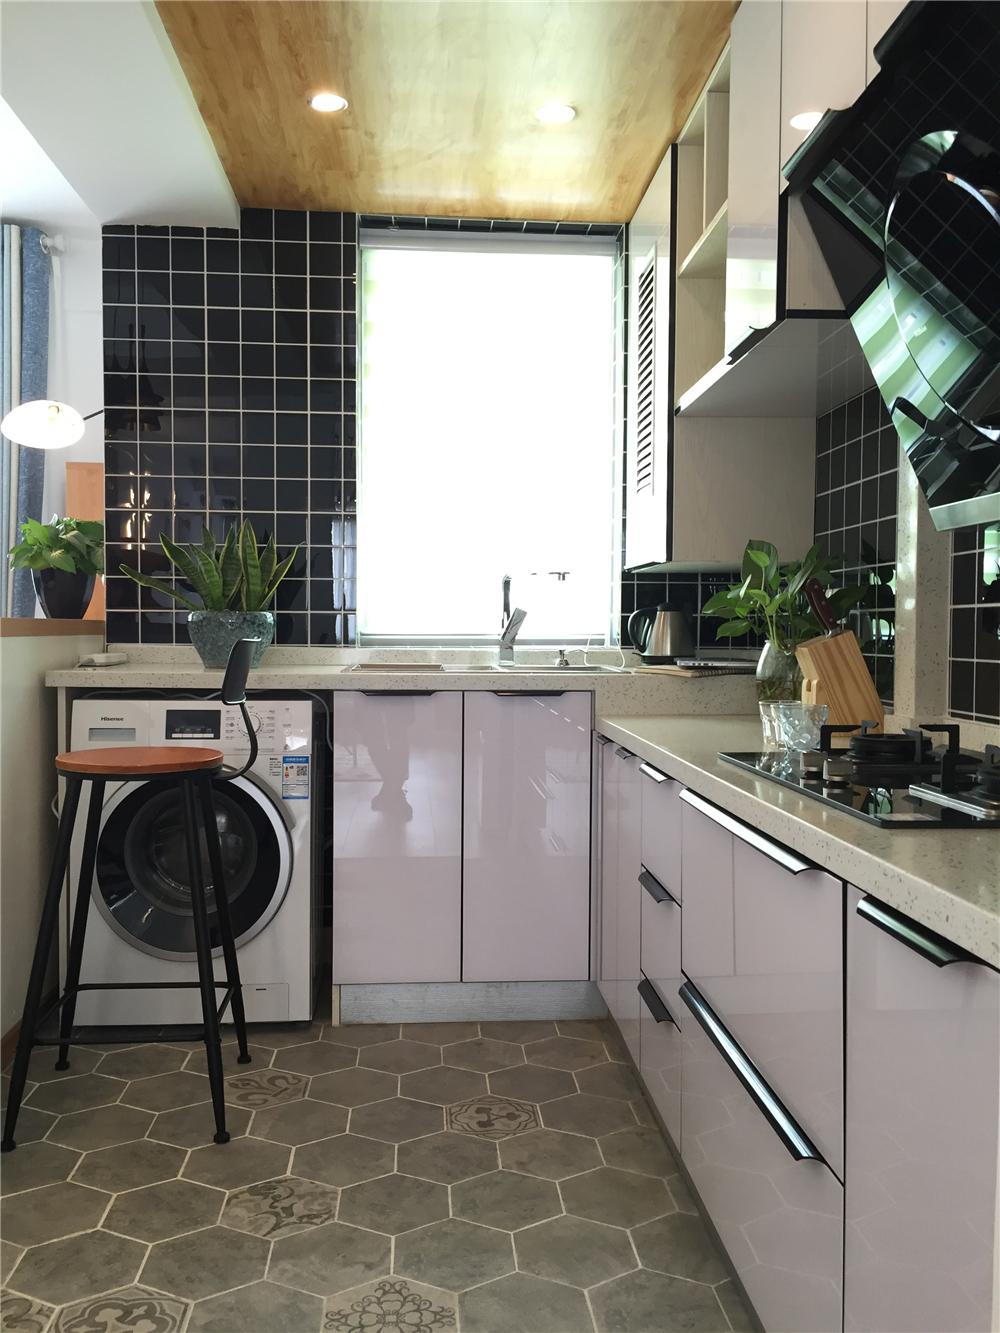 60㎡小户型北欧风厨房装修效果图